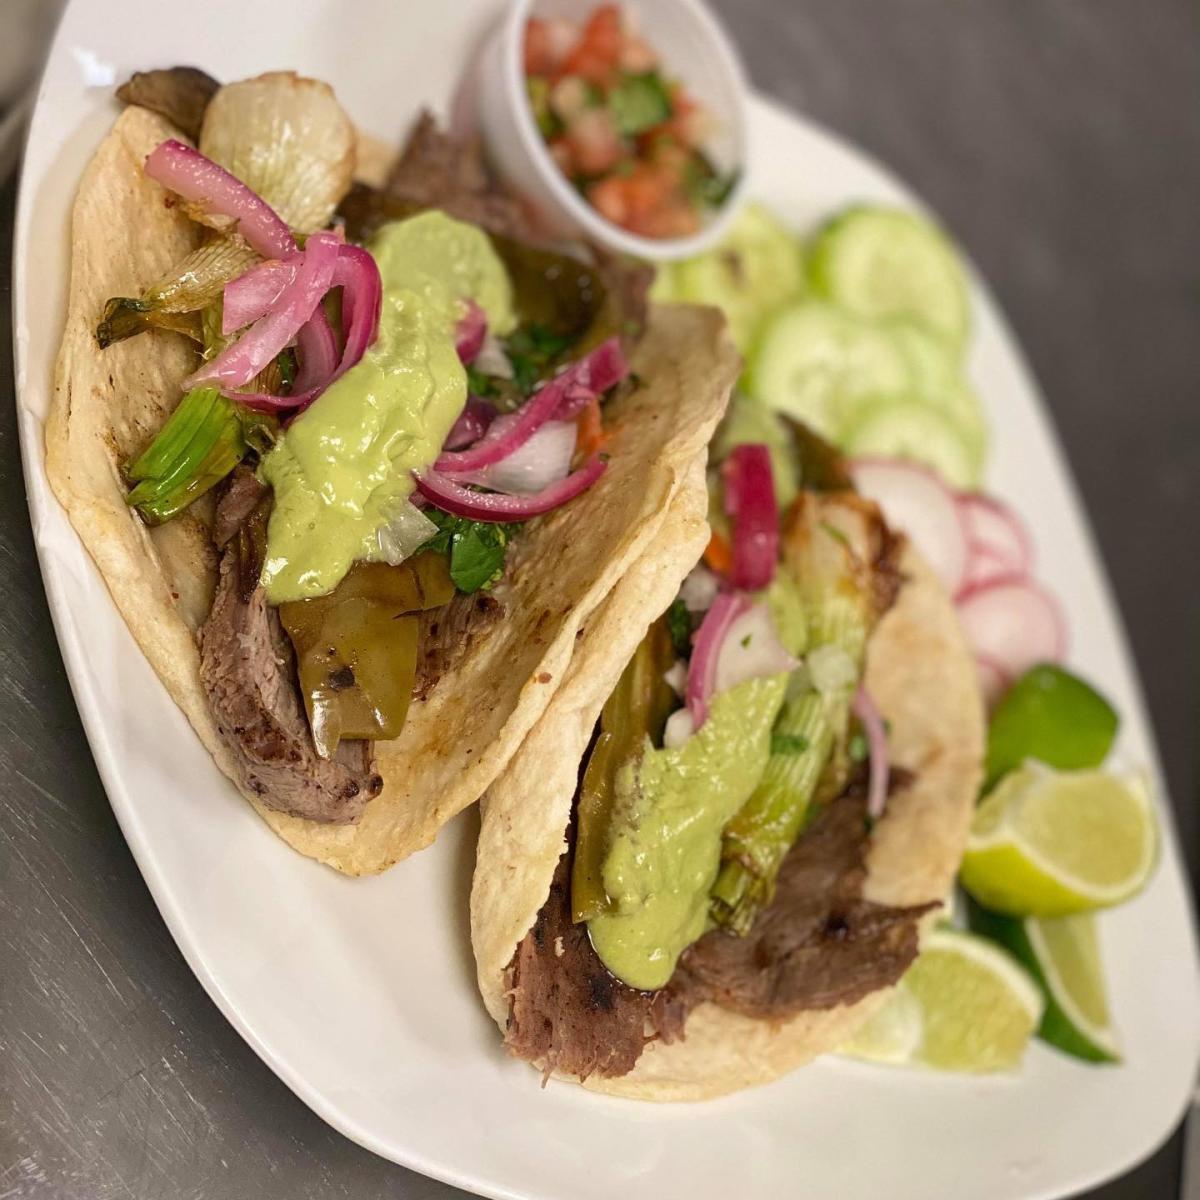 Tacos from Taqueria El Mexicano in Lafayette, LA.